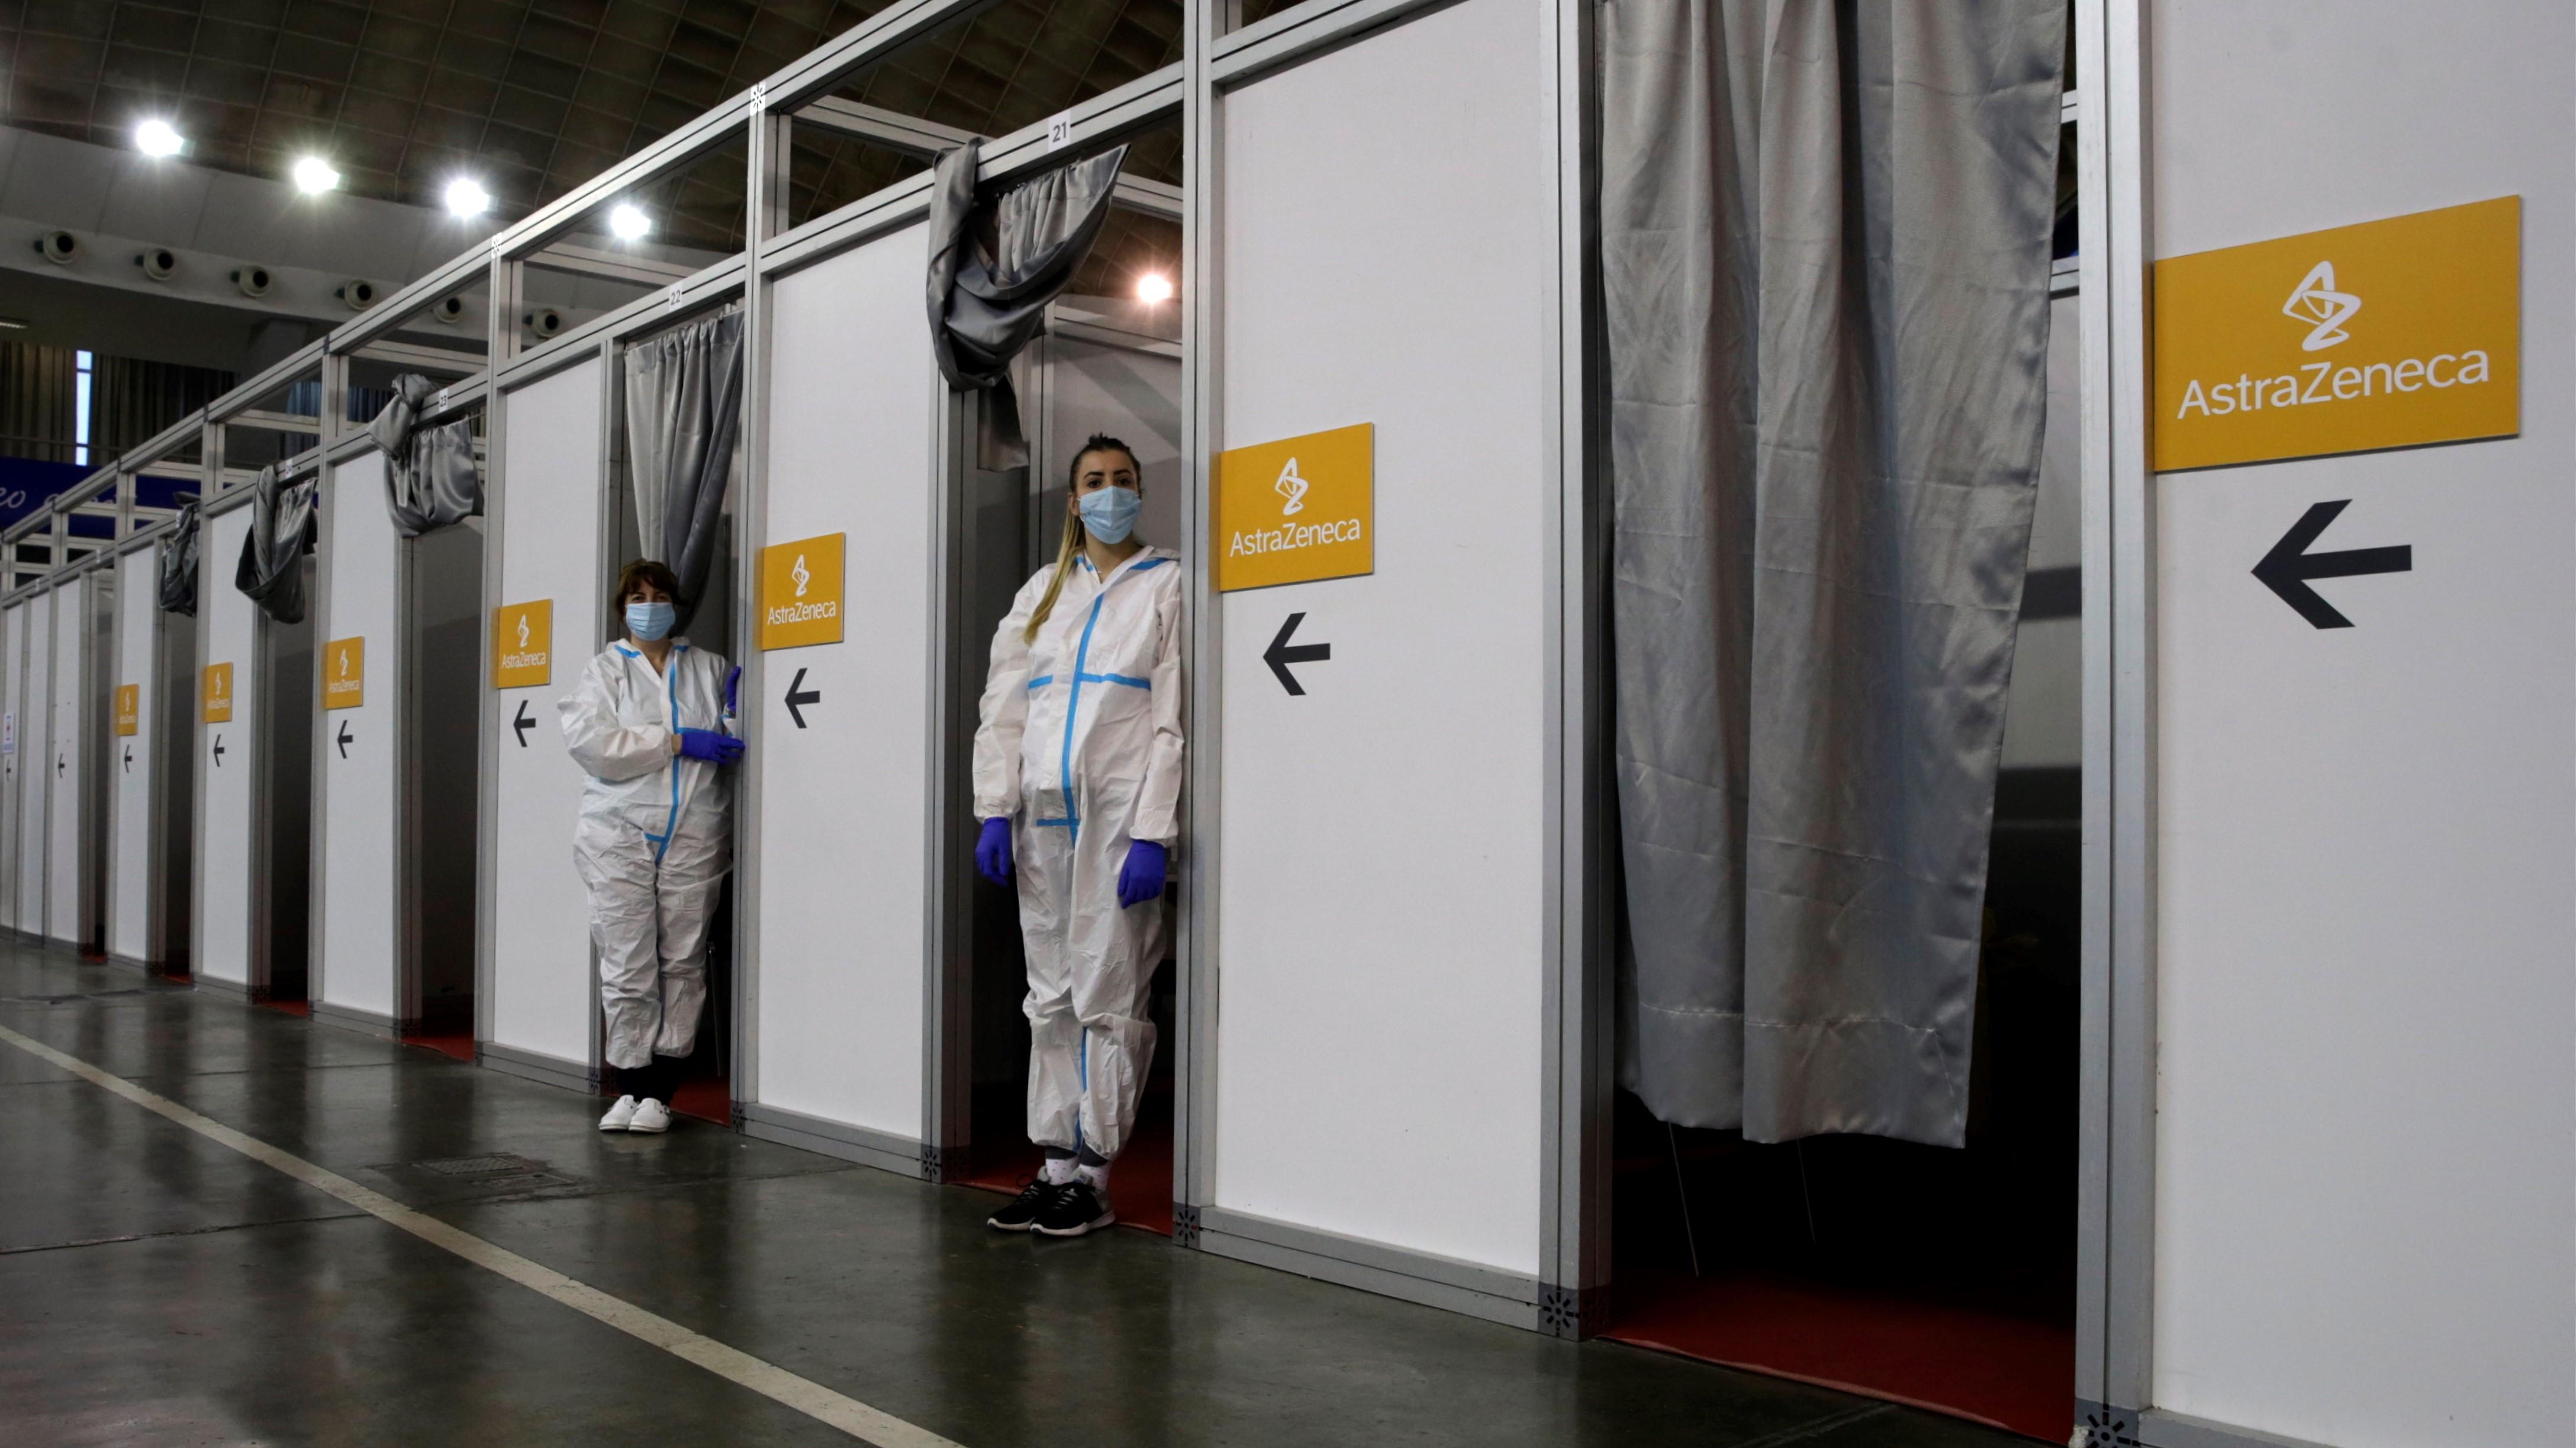 Egészségügyi dolgozók várakoznak, mielőtt tömegesen beoltják az embereket az AstraZeneca svéd-brit gyógyszergyártó koronavírus elleni vakcinájával Belgrádban 2021. március 27-én.